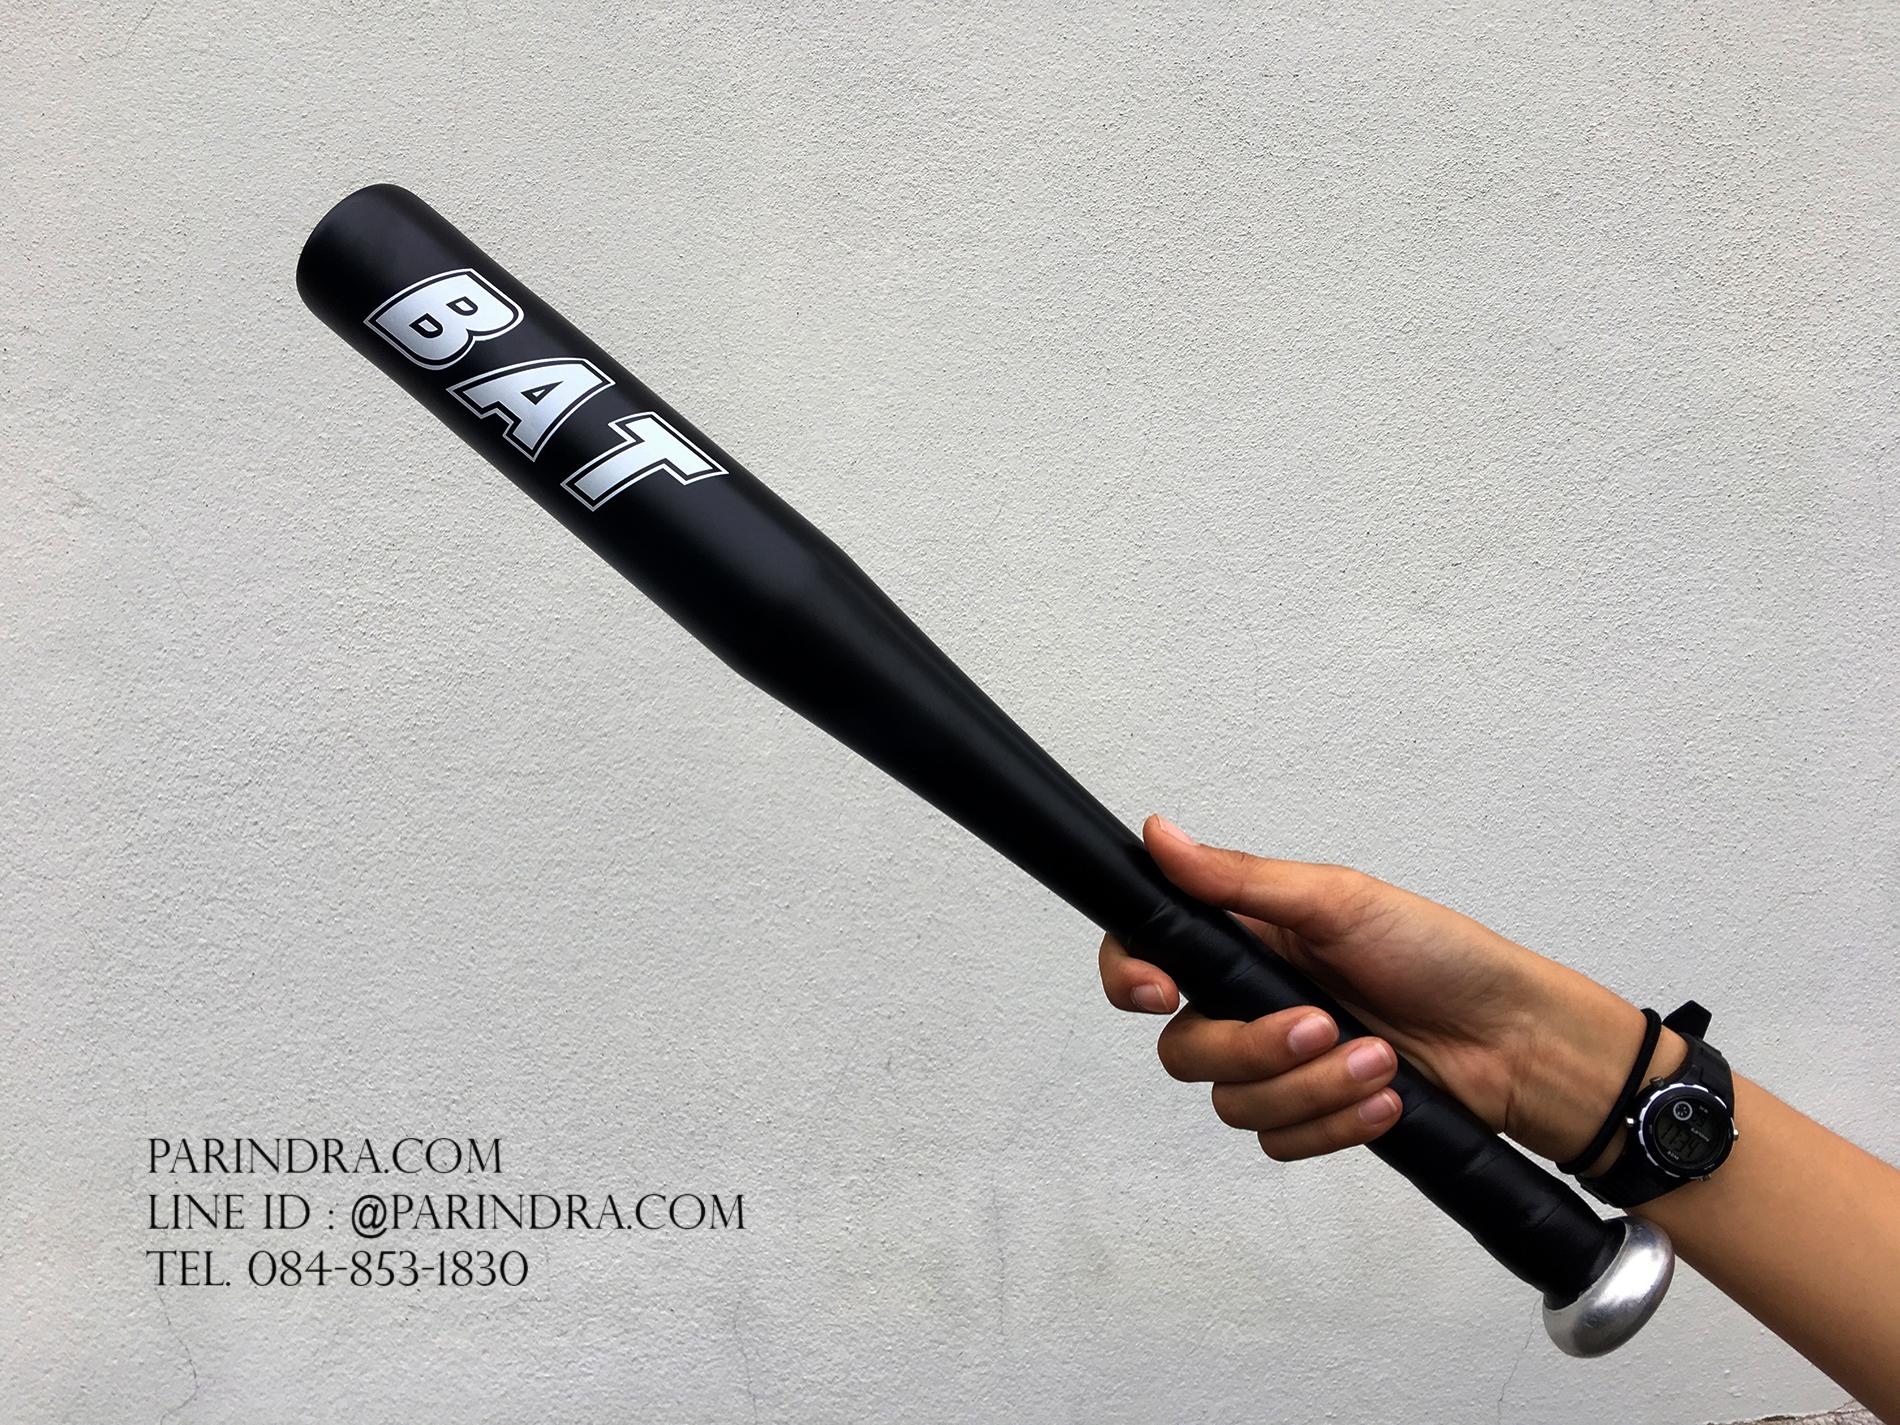 ไม้เบสบอลแบบเบา ขนาดสั้นกระทัดรัด 20 นิ้ว อุปกรณ์ออกกำลังกาย และ ป้องกันตัวในเวลาเดียวกัน สีดำ